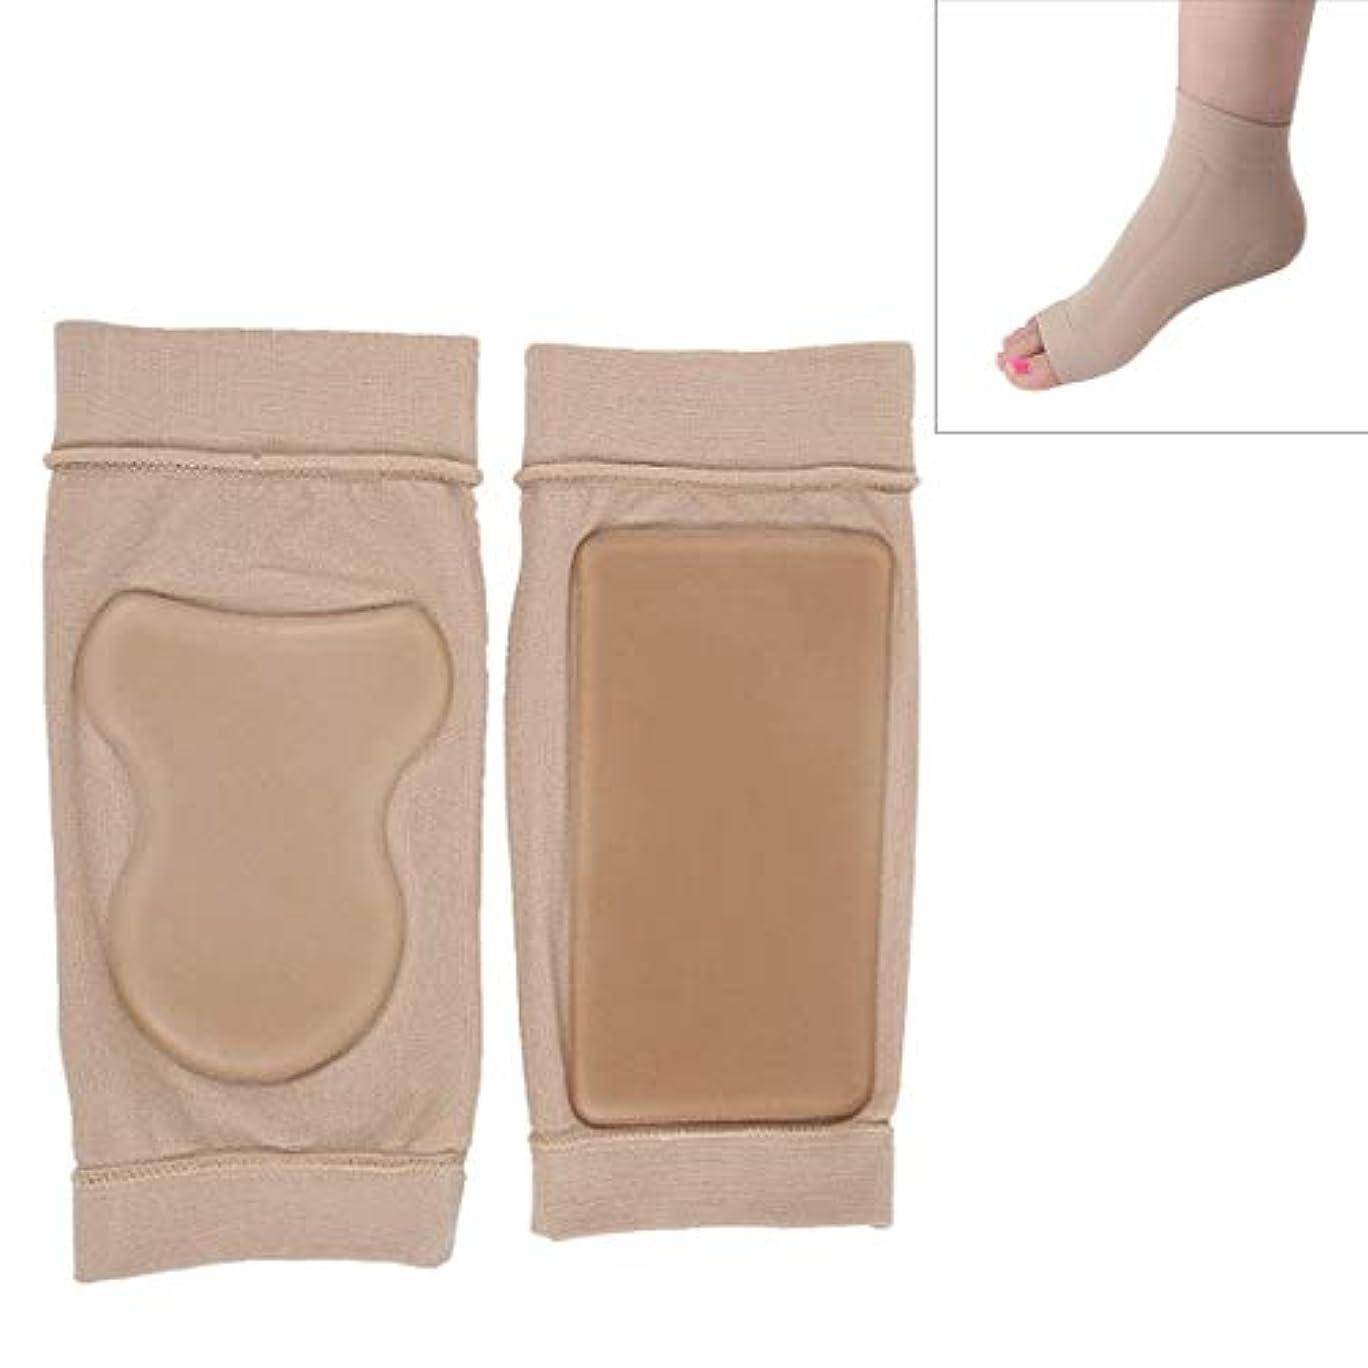 皮肉曲スラムLiziB ソルボ外反母趾サポーターSEBS耐クラック足首の保護ソックス包帯保護スリーブ